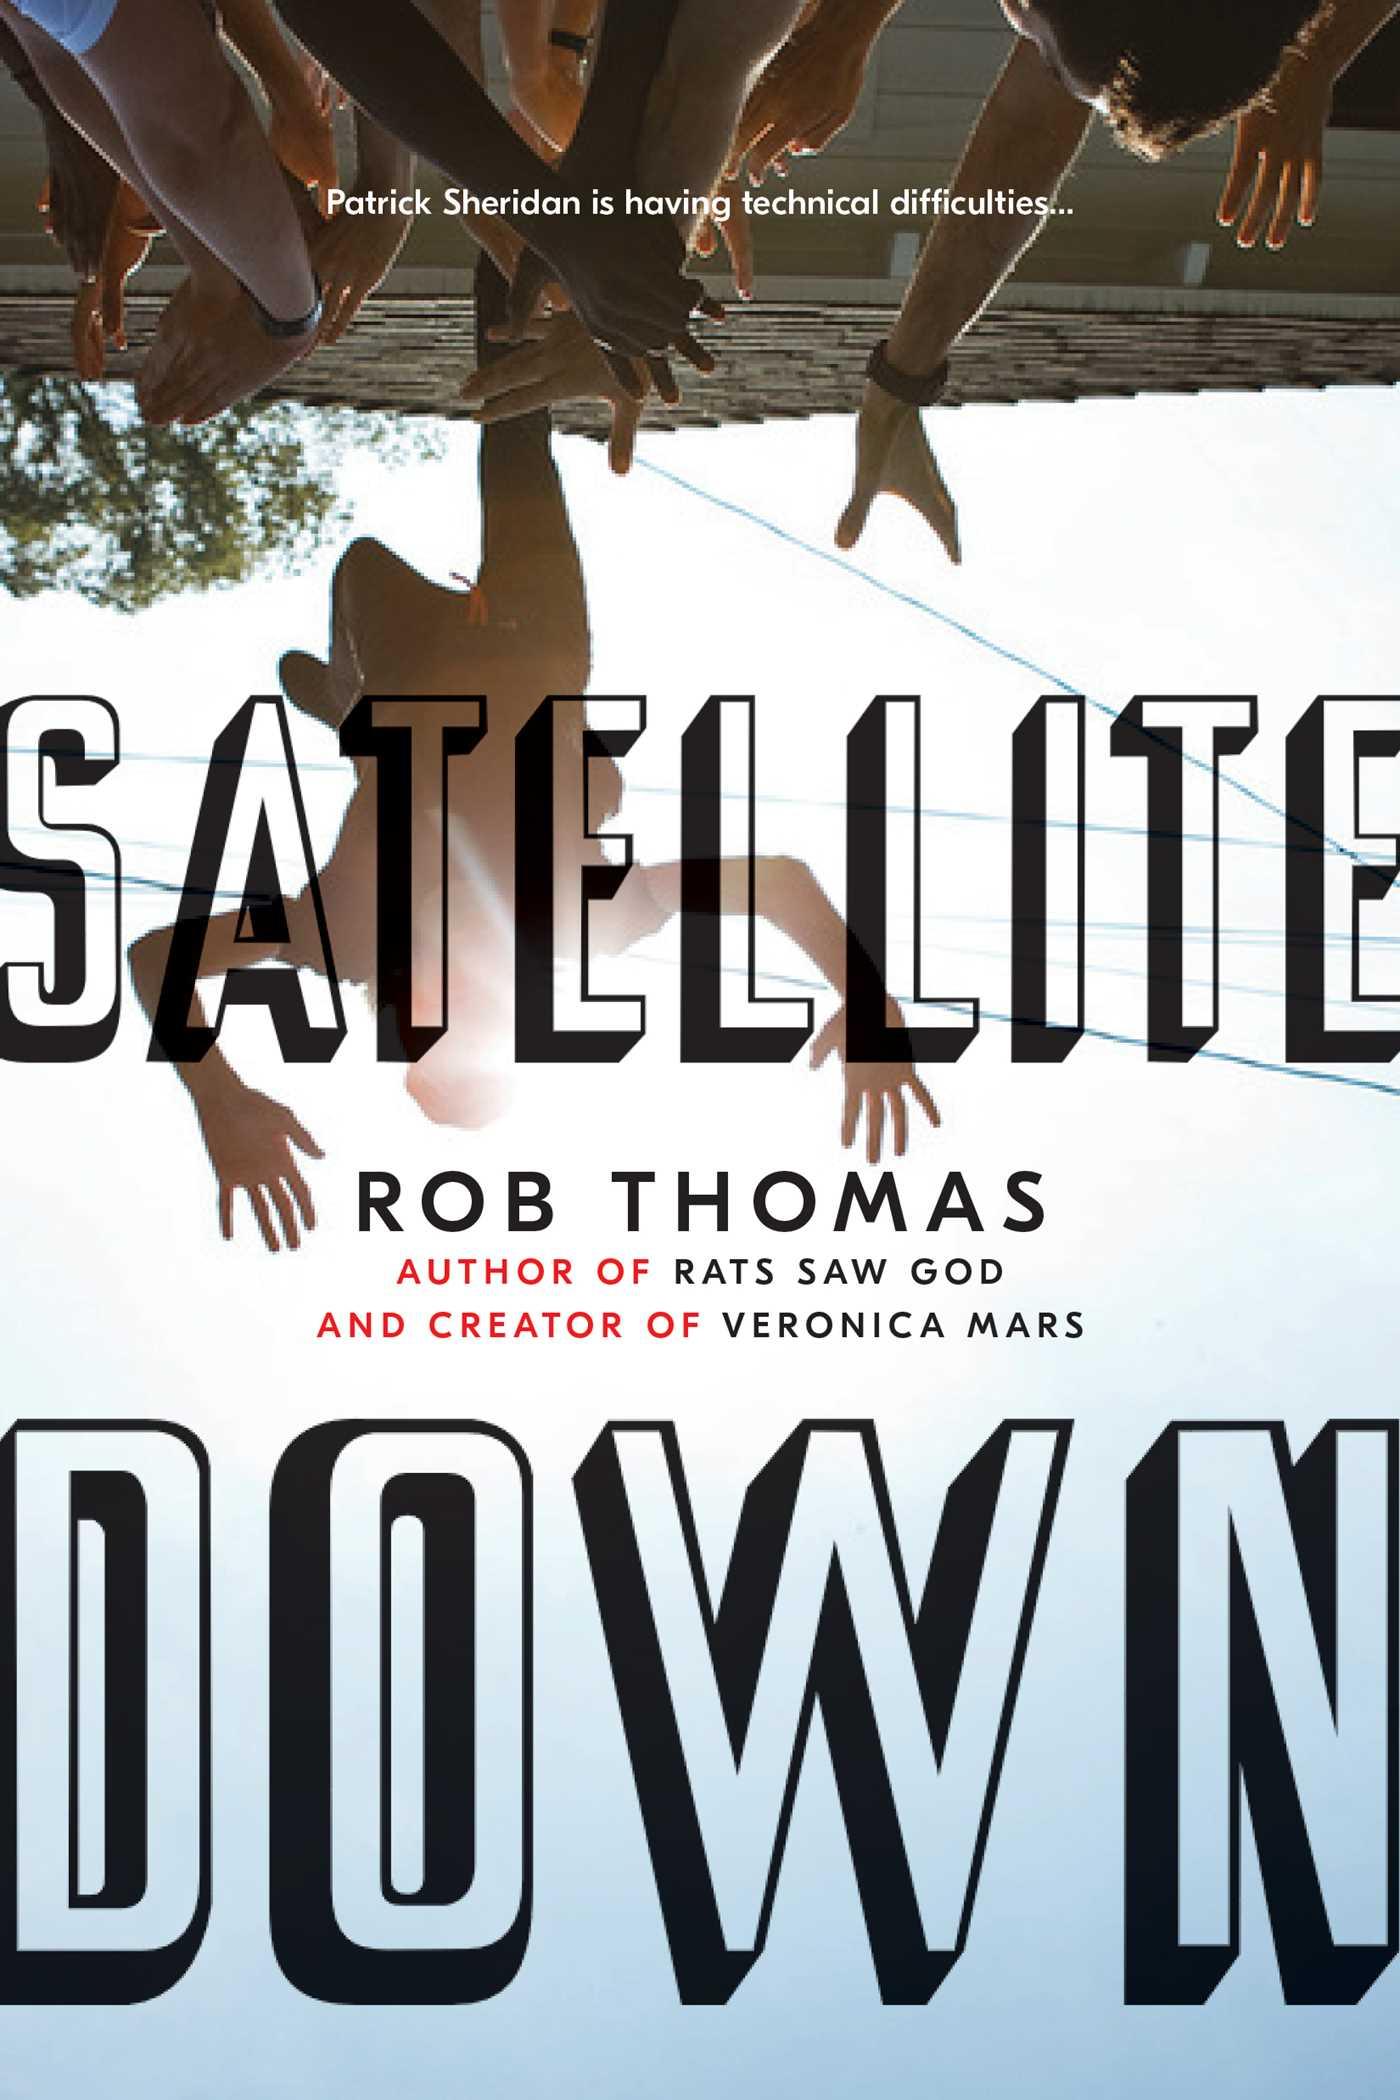 Satellite down 9781442468085 hr